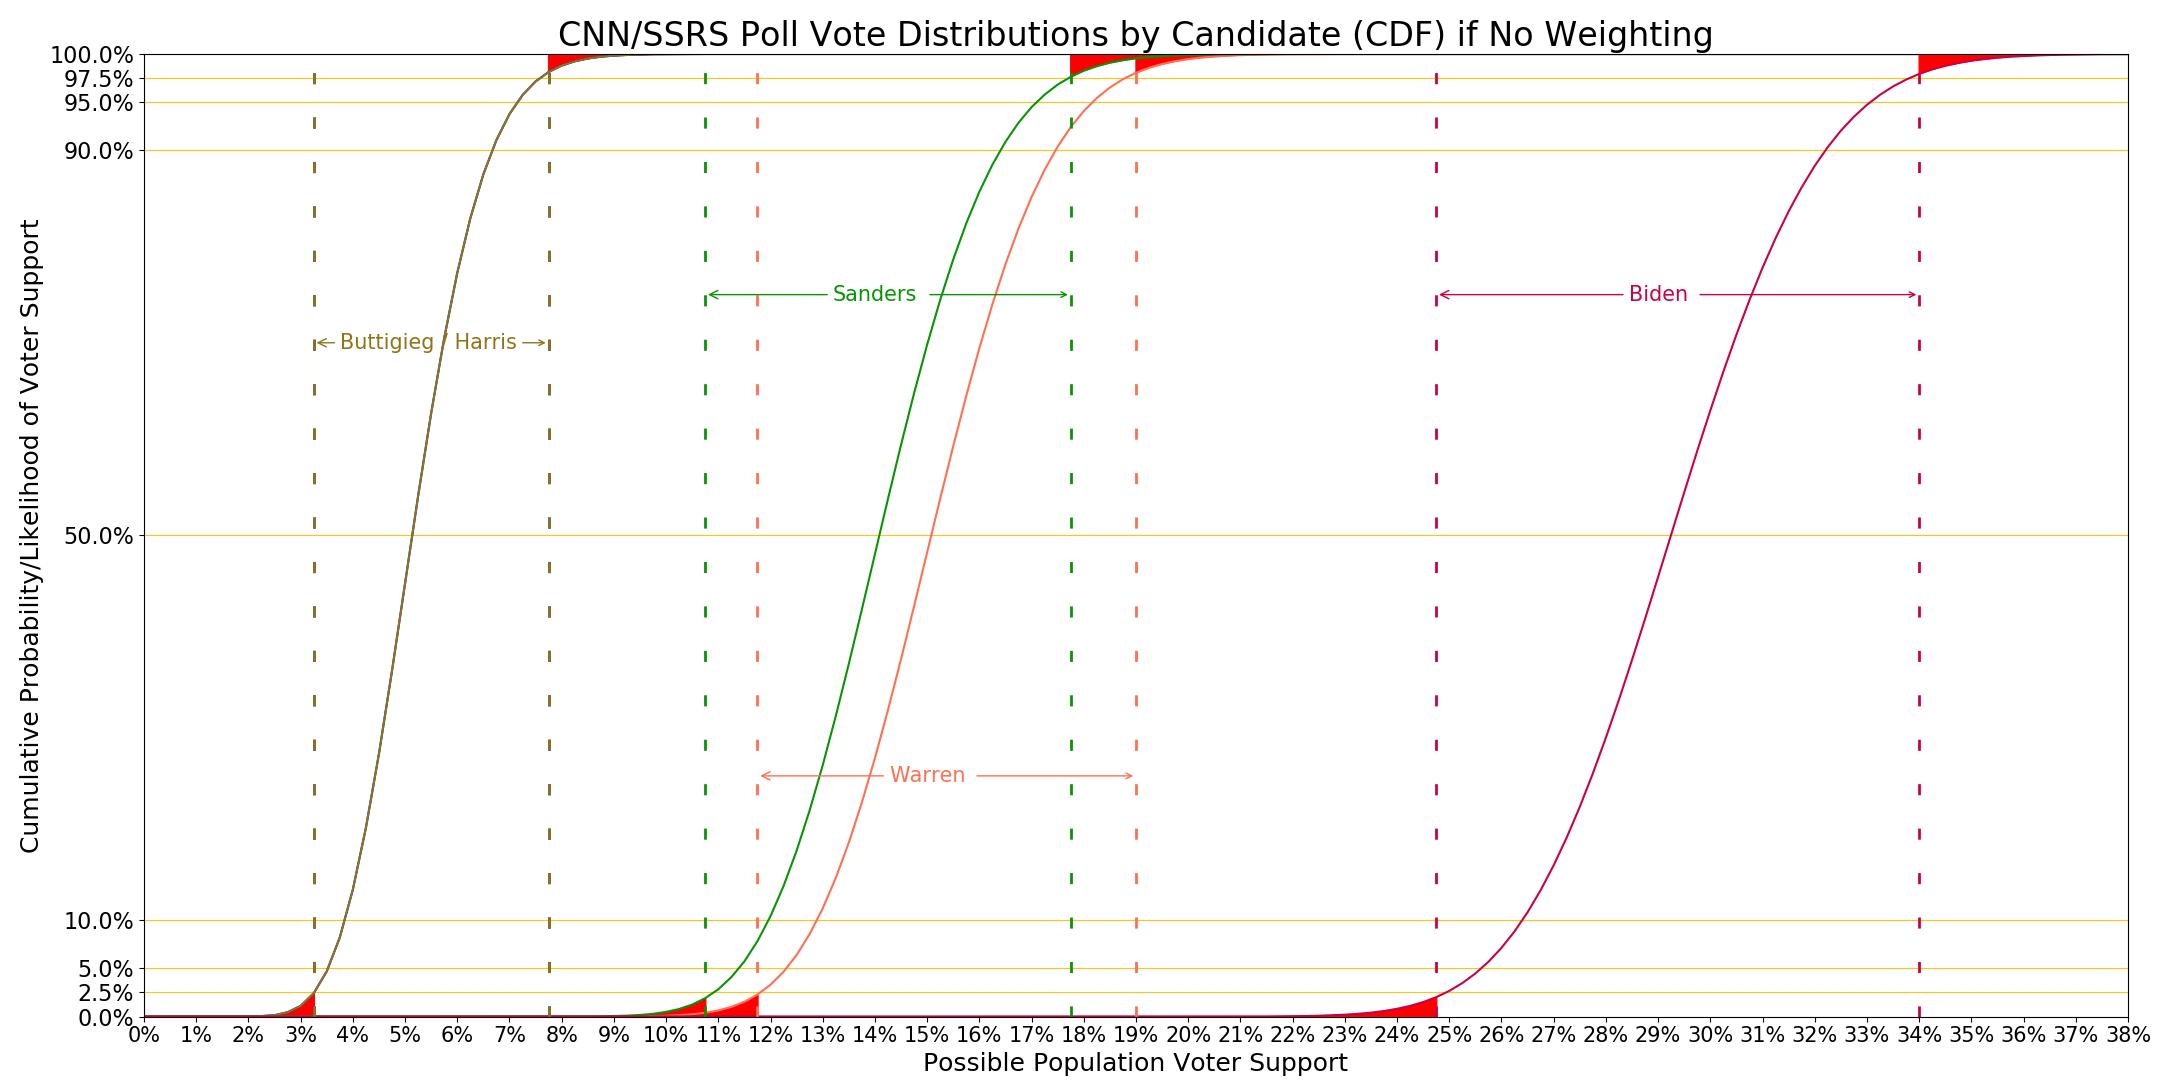 CNN SSRS distributions graph without DE